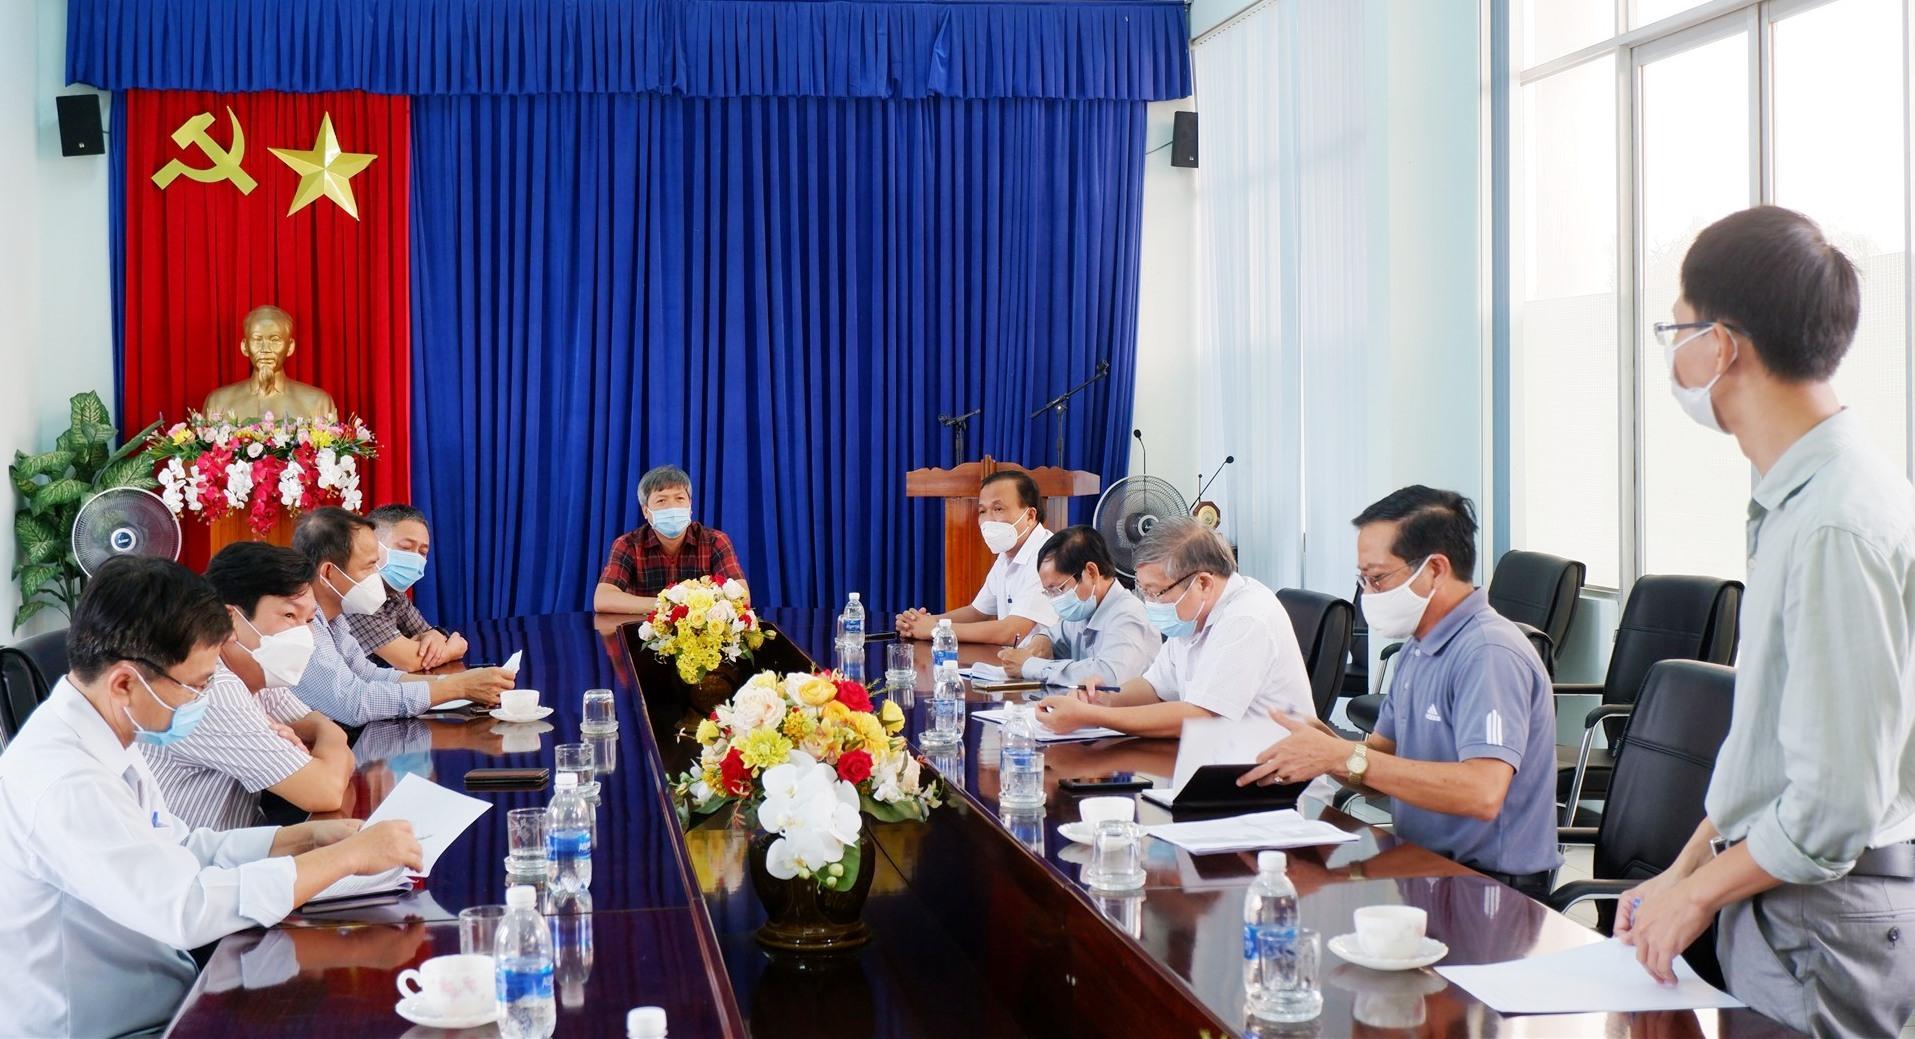 Phó Chủ tịch UBND tỉnh Hồ Quang Bửu làm việc với Khu Công nghiệp Điện Nam - Điện Ngọc về tình hình phòng chống dịch bệnh hiện tại. Ảnh: X.H